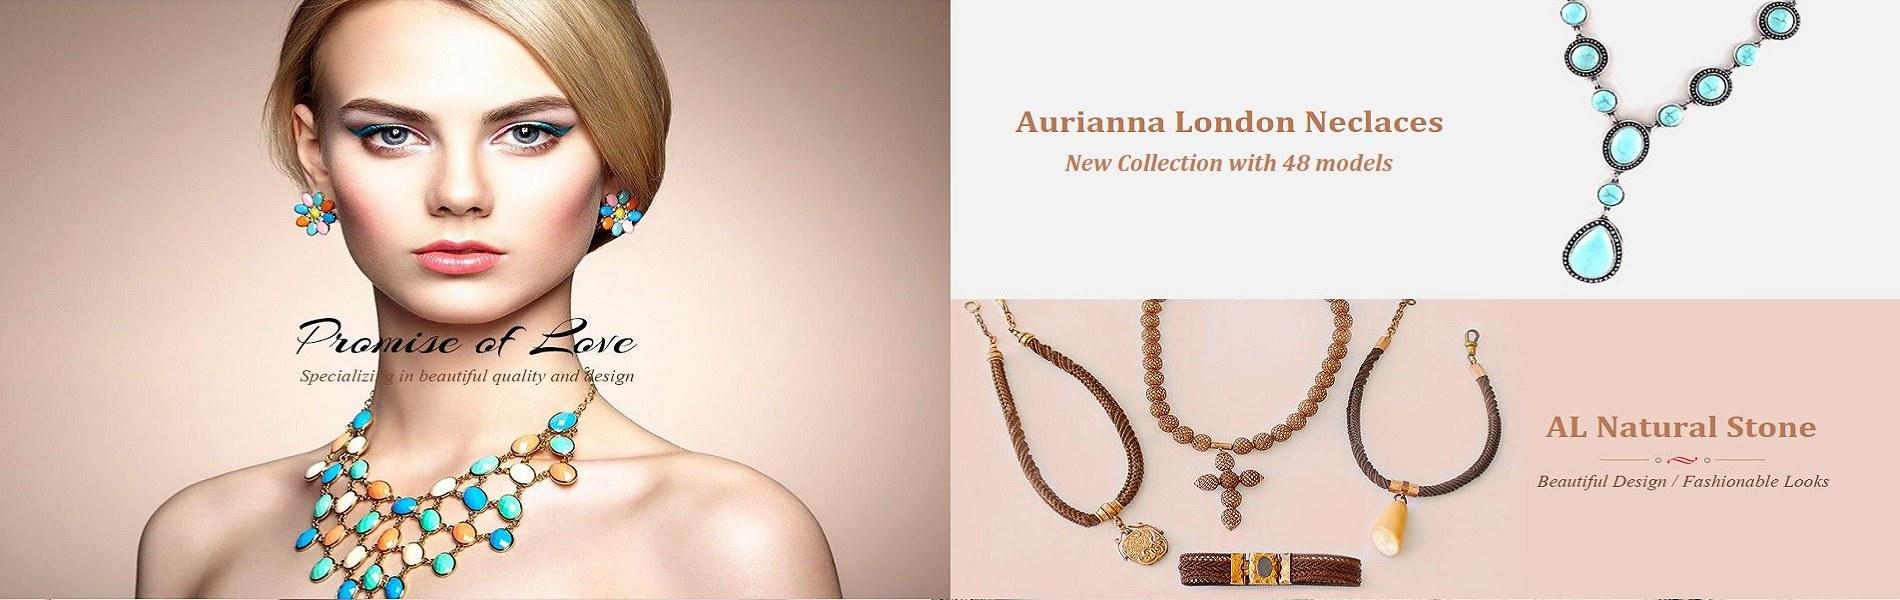 Aurianna London